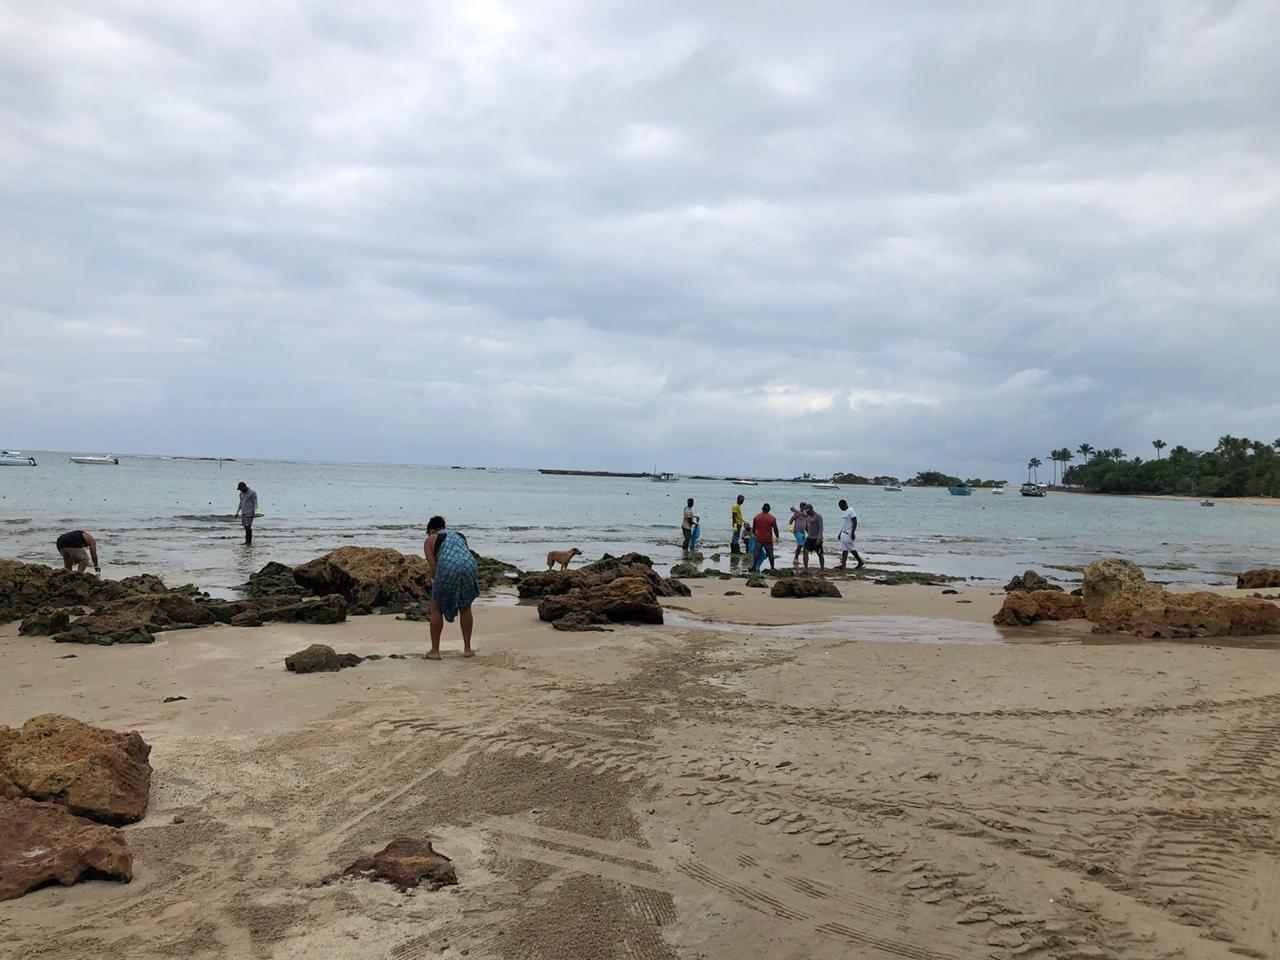 Manchas de óleo atingem praias de Morro de São Paulo, Boipeba e Garapuá, na Bahia; prefeitura de Cairu interdita praias - Notícias - Plantão Diário